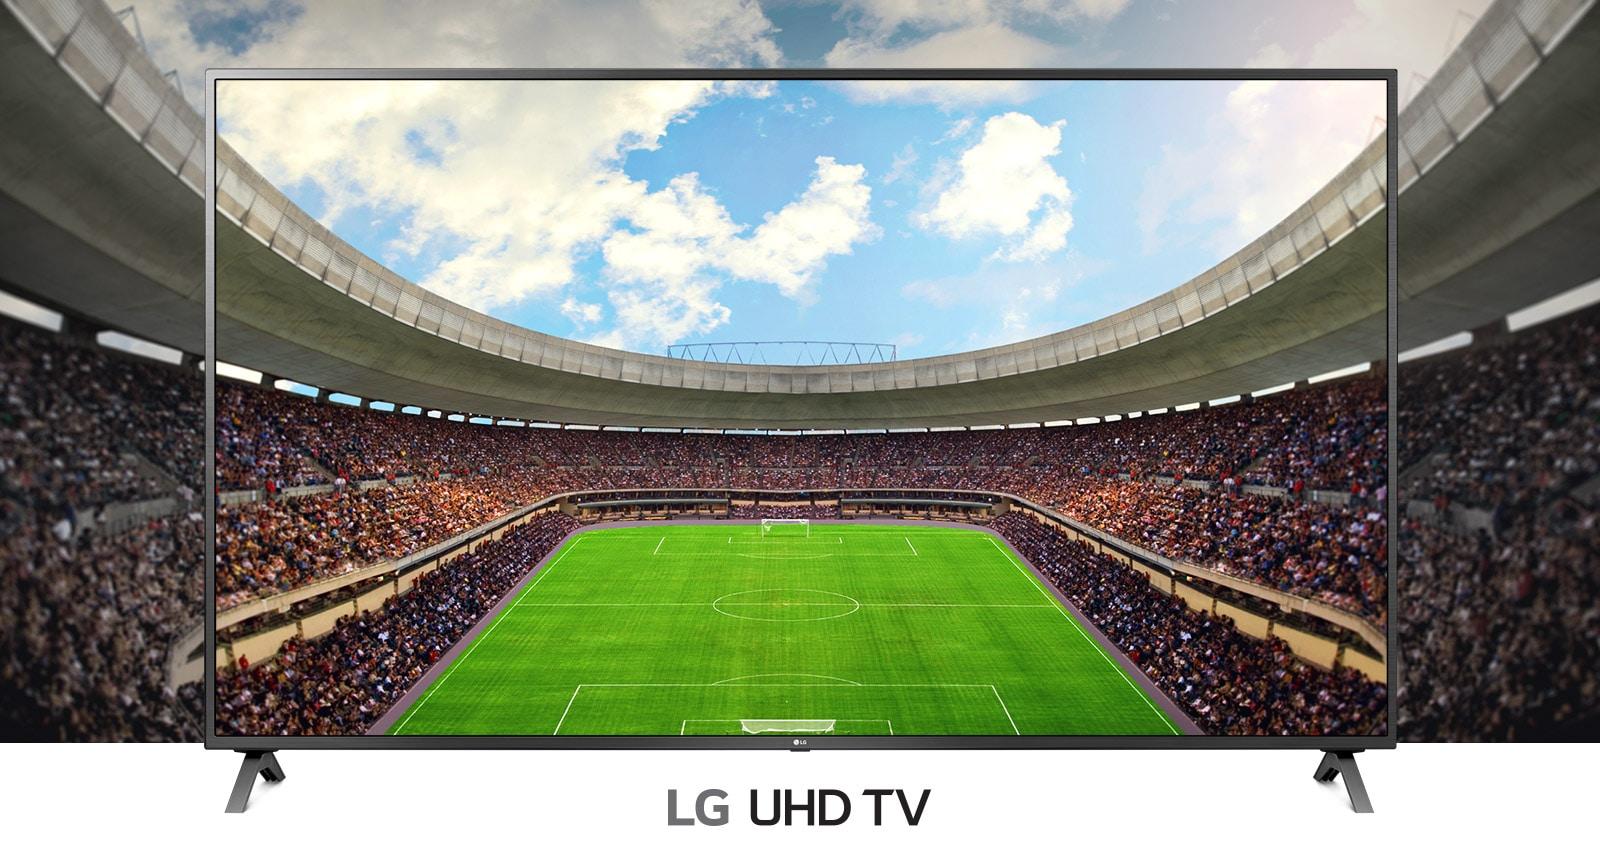 Panoramski pogled na nogometni stadion, napolnjen z gledalci, prikazanimi na TV.